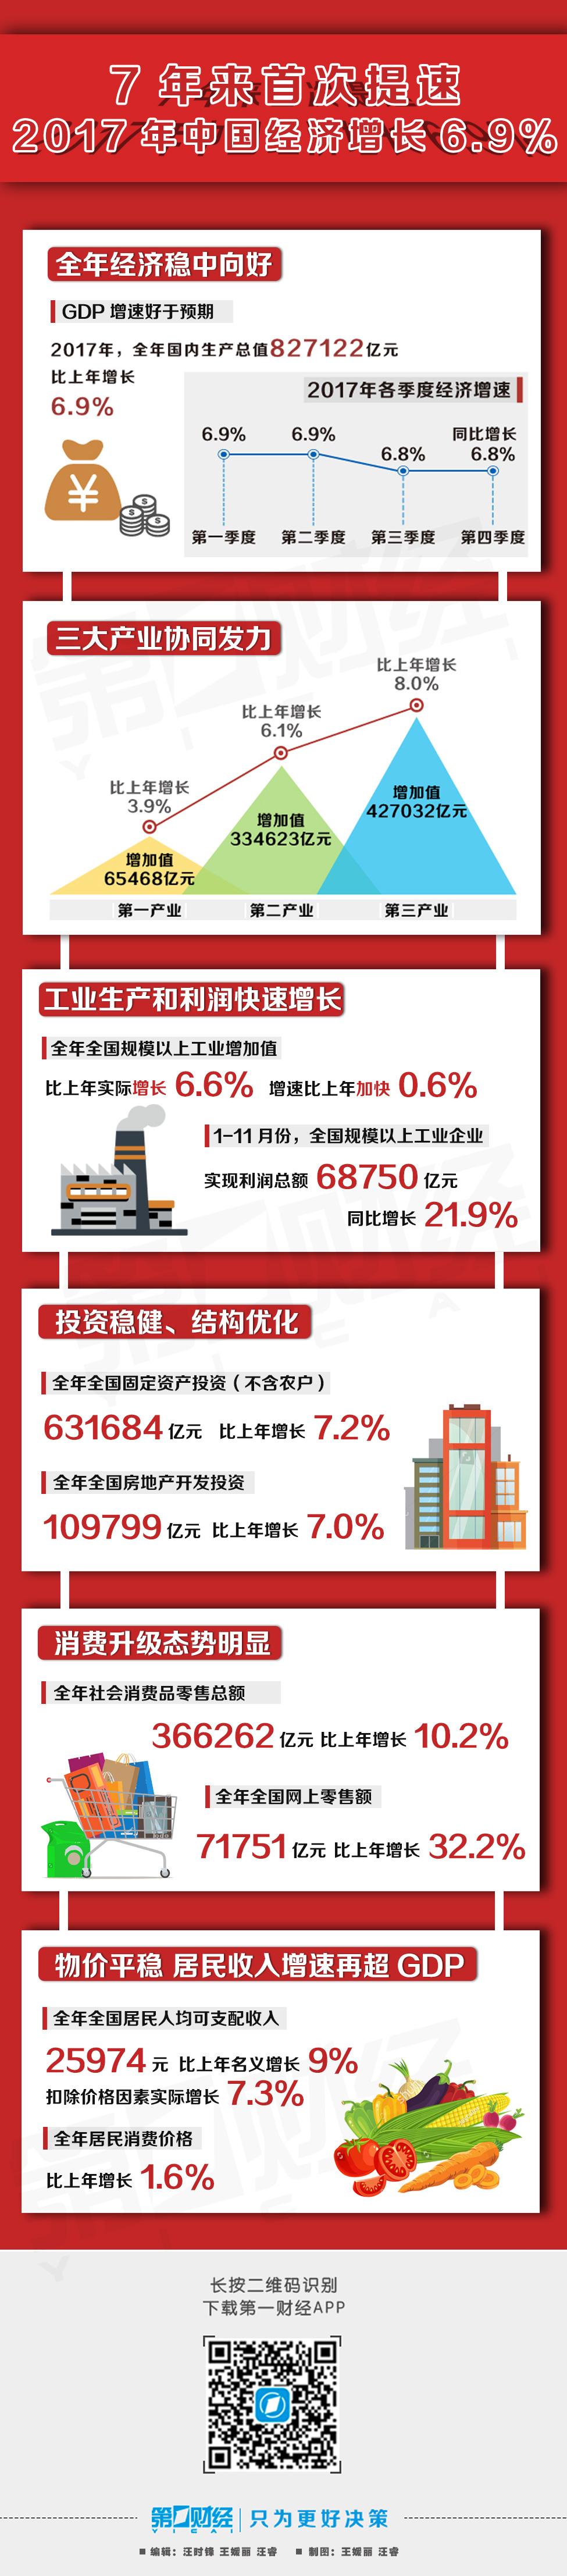 七年来首次提速,2017年中国GDP增速达6.9%